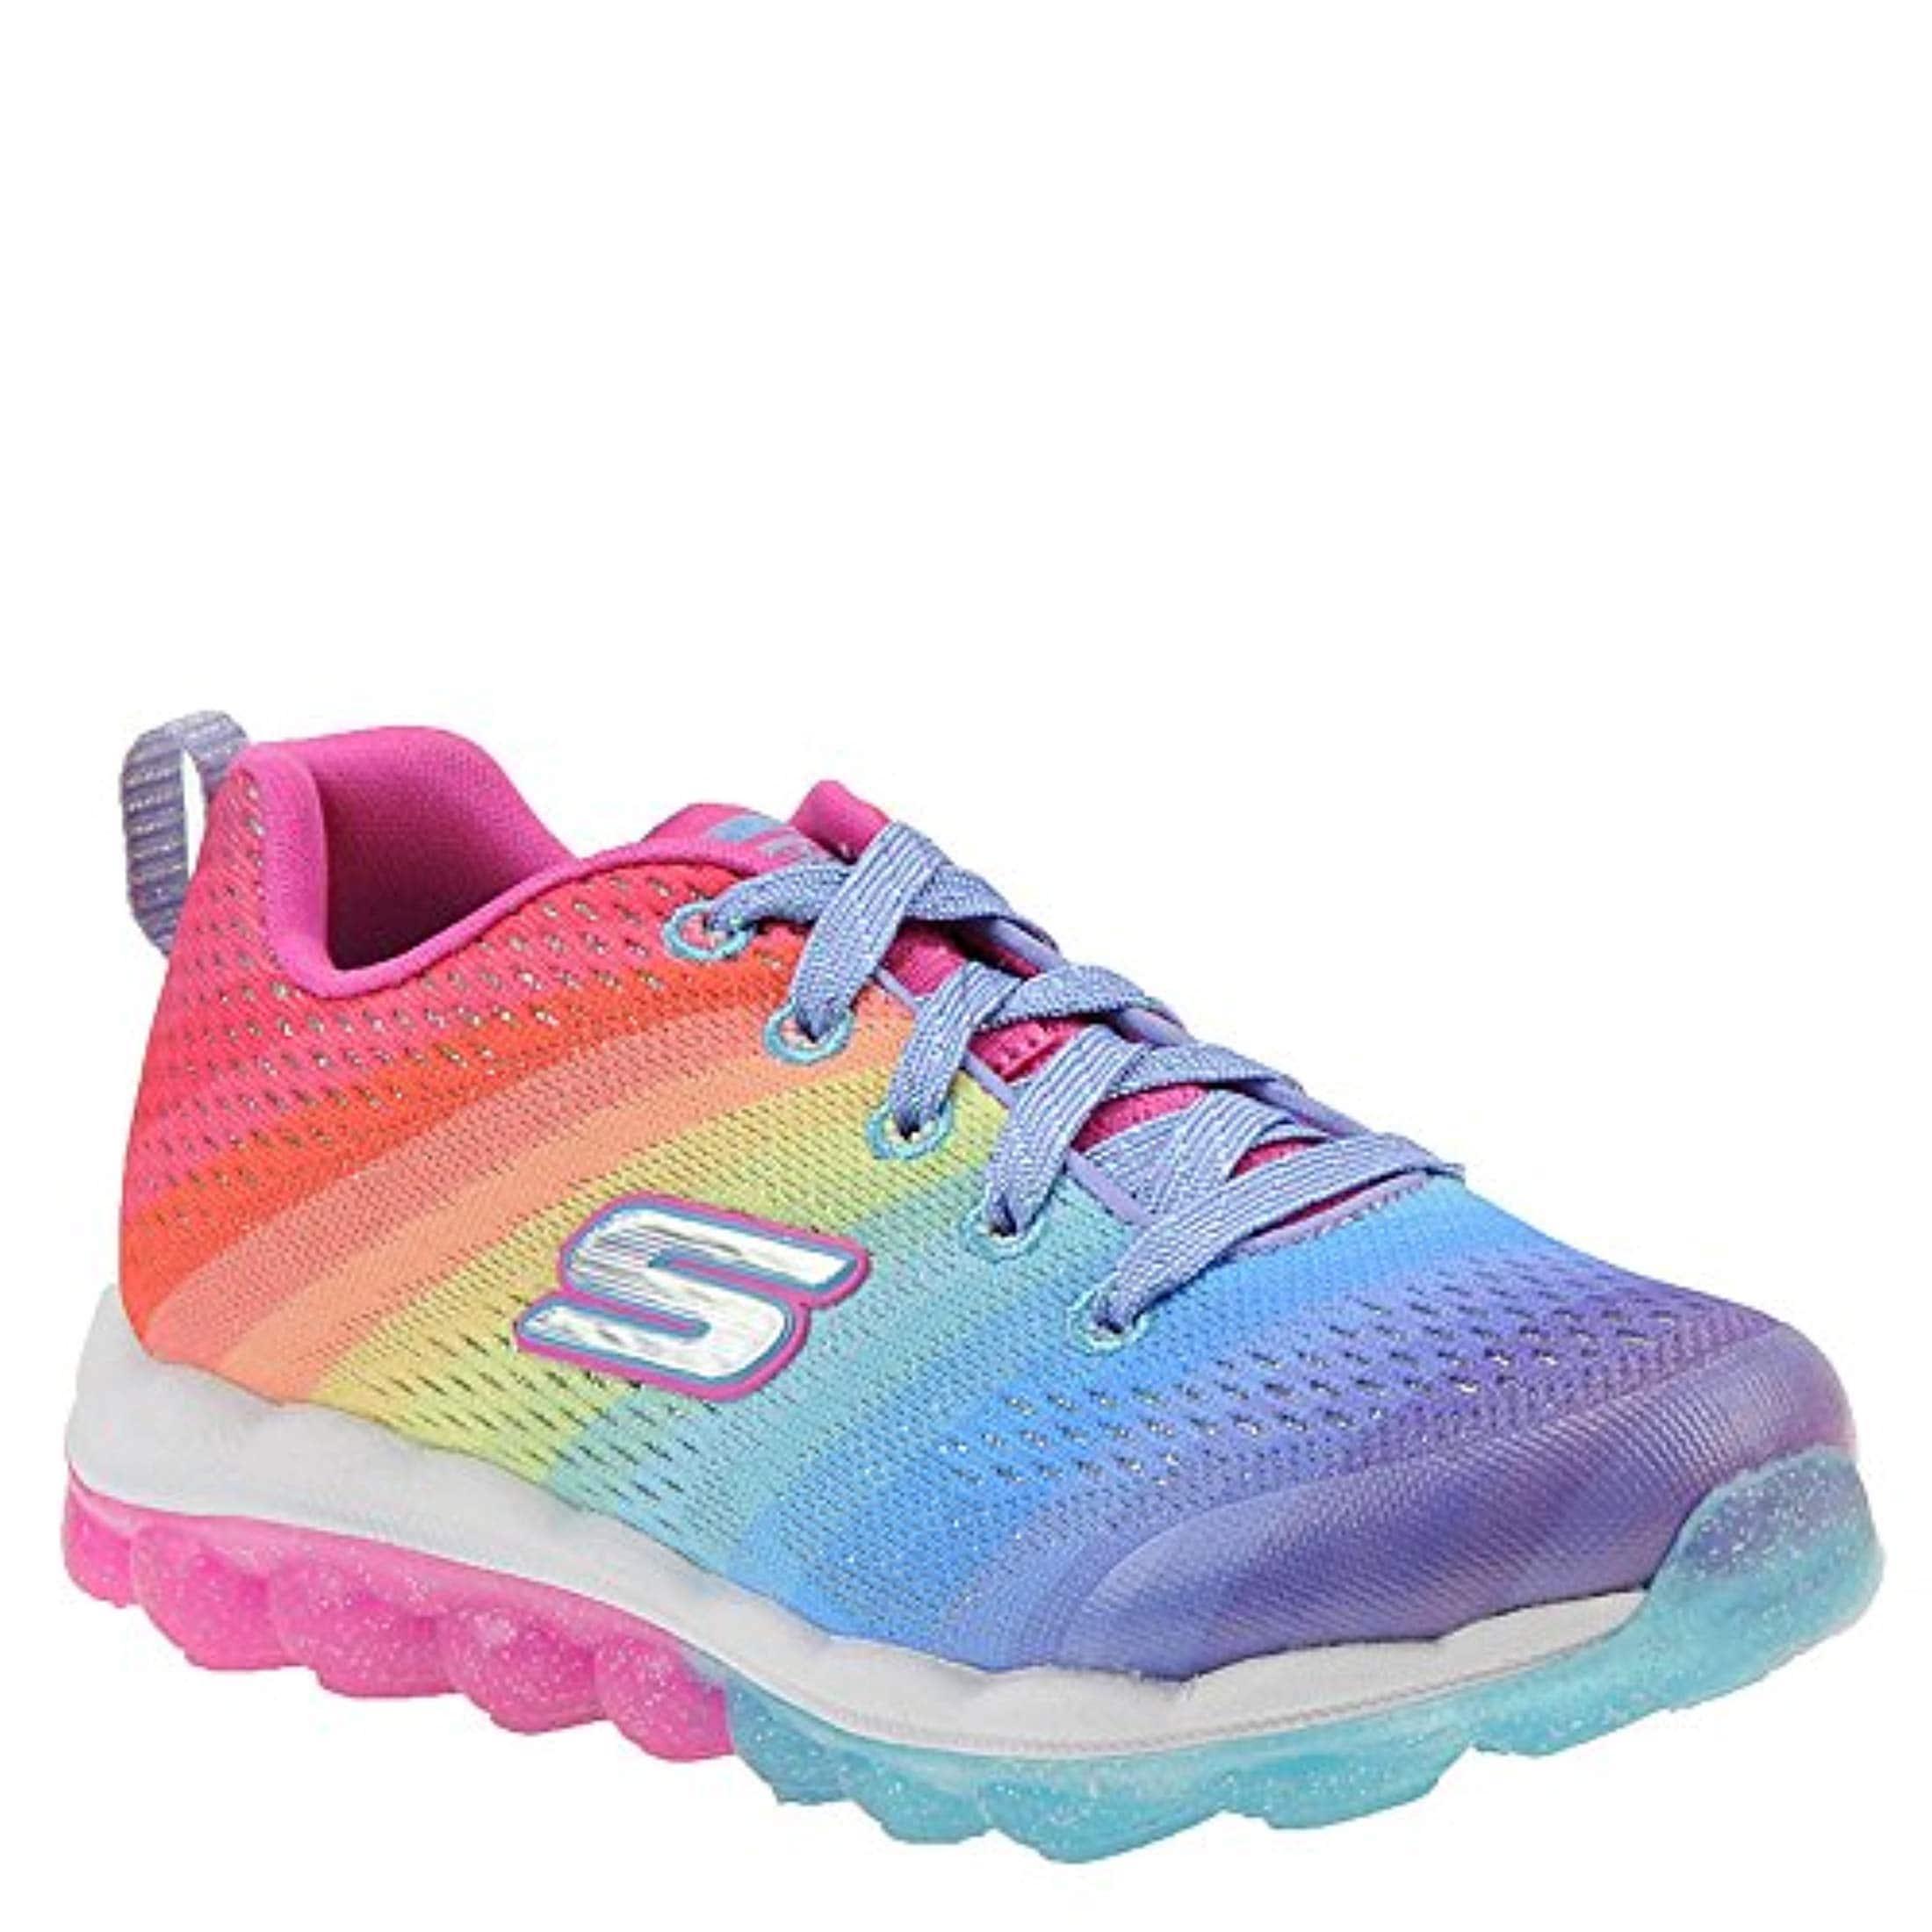 fae2068e1200 Skechers Girls  Shoes